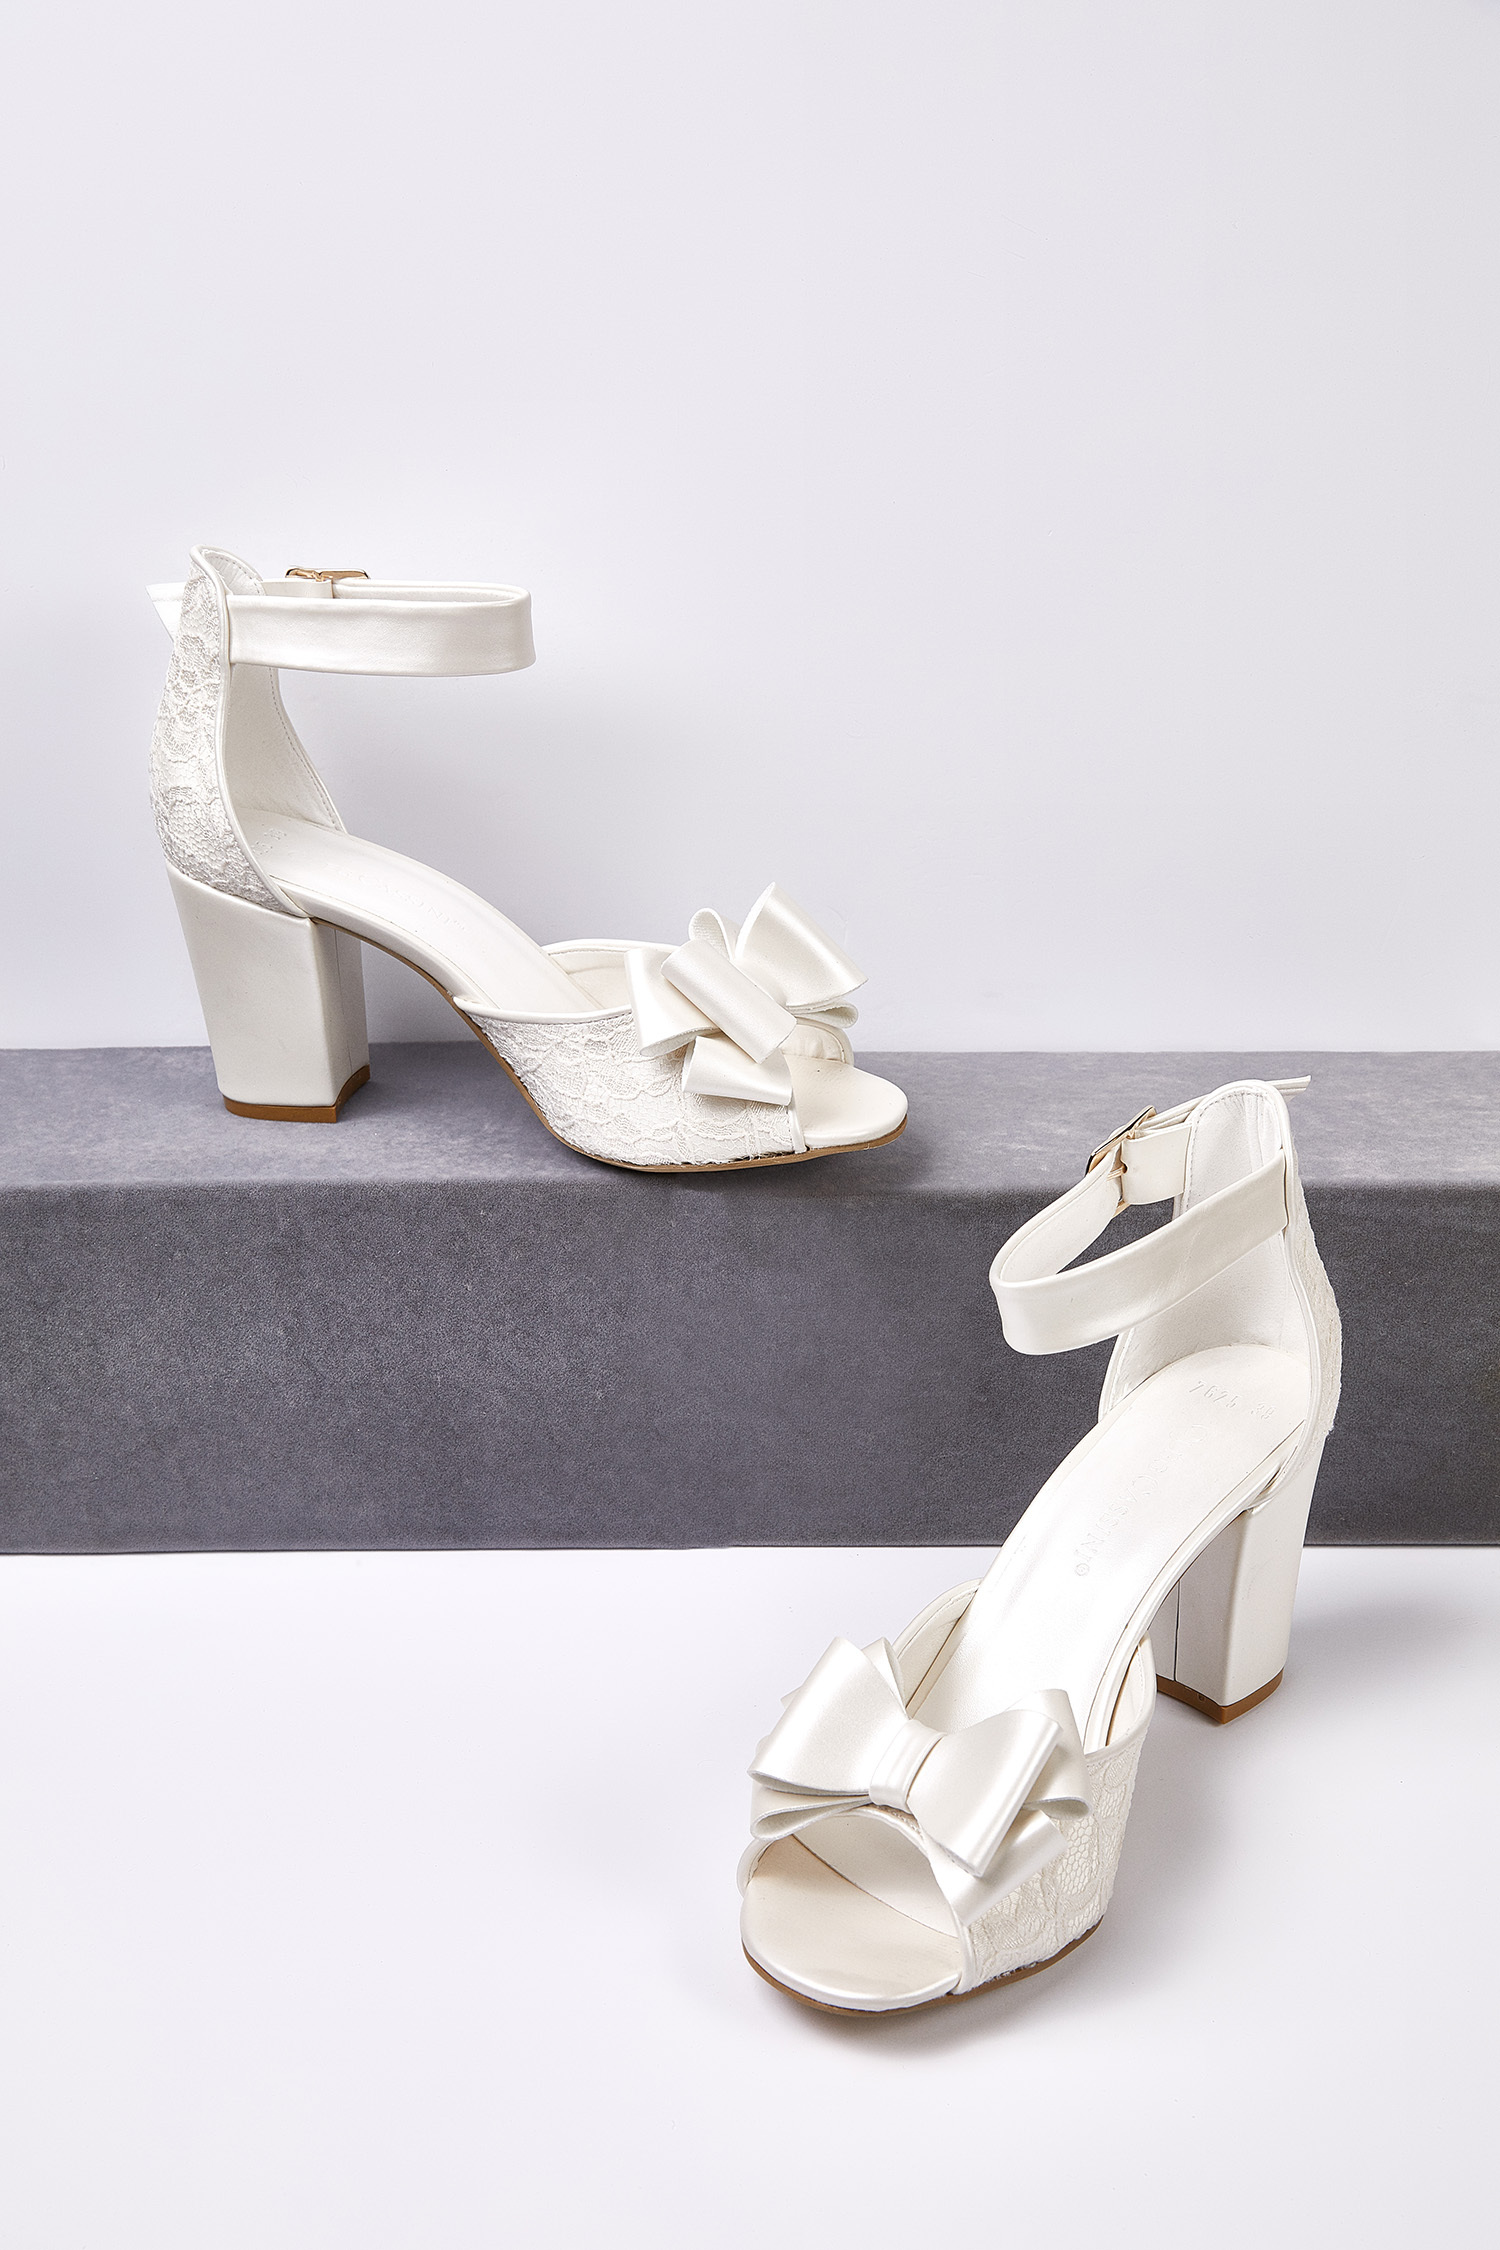 Kırık Beyaz Fiyonk Detaylı Dolgu Topuklu Gelin Ayakkabısı